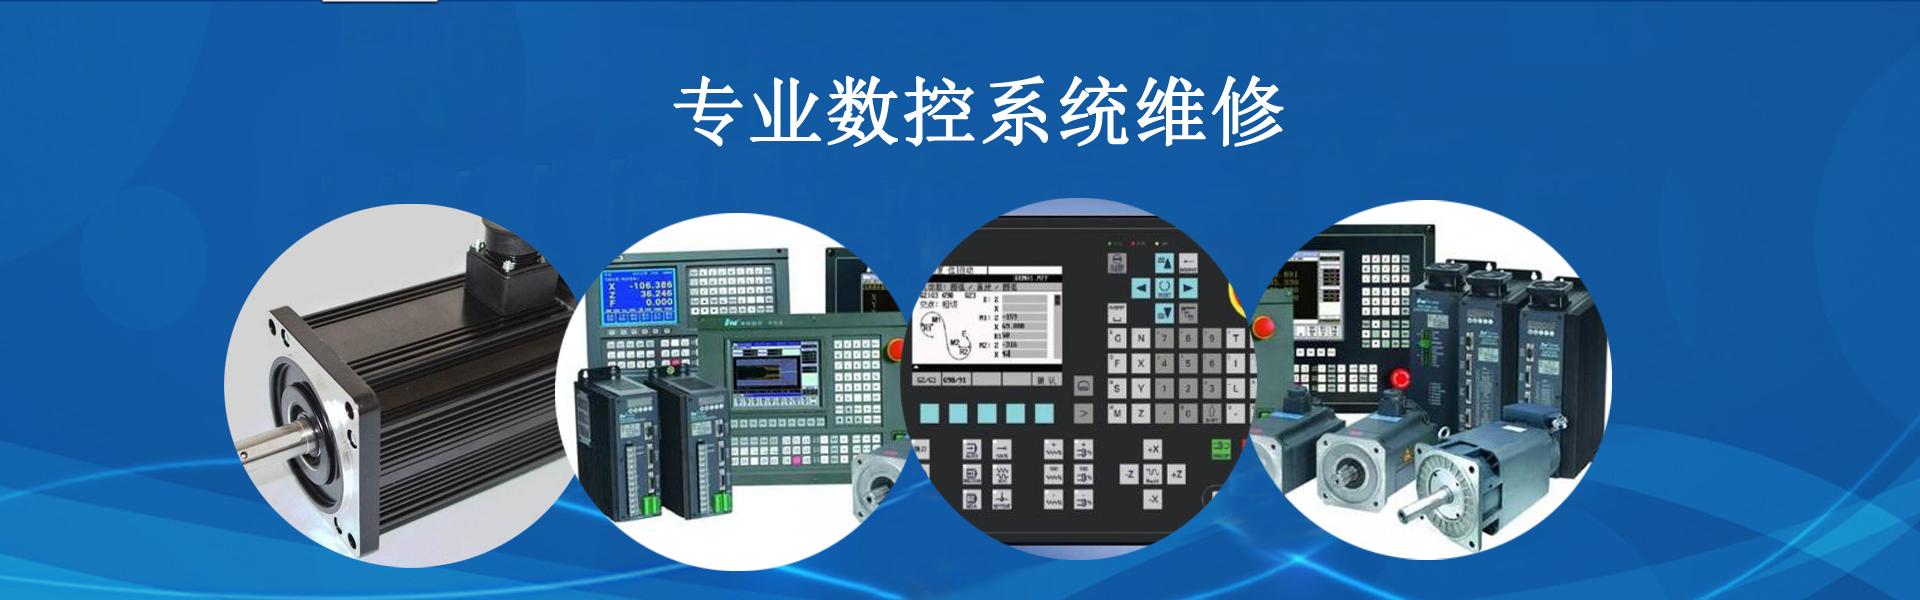 本公司专业从事工控电气设备维修与销售,变频器、触摸屏、伺服驱动器、PLC、软启动、配套工程设计安装调试及技术支持的技术服务中心。